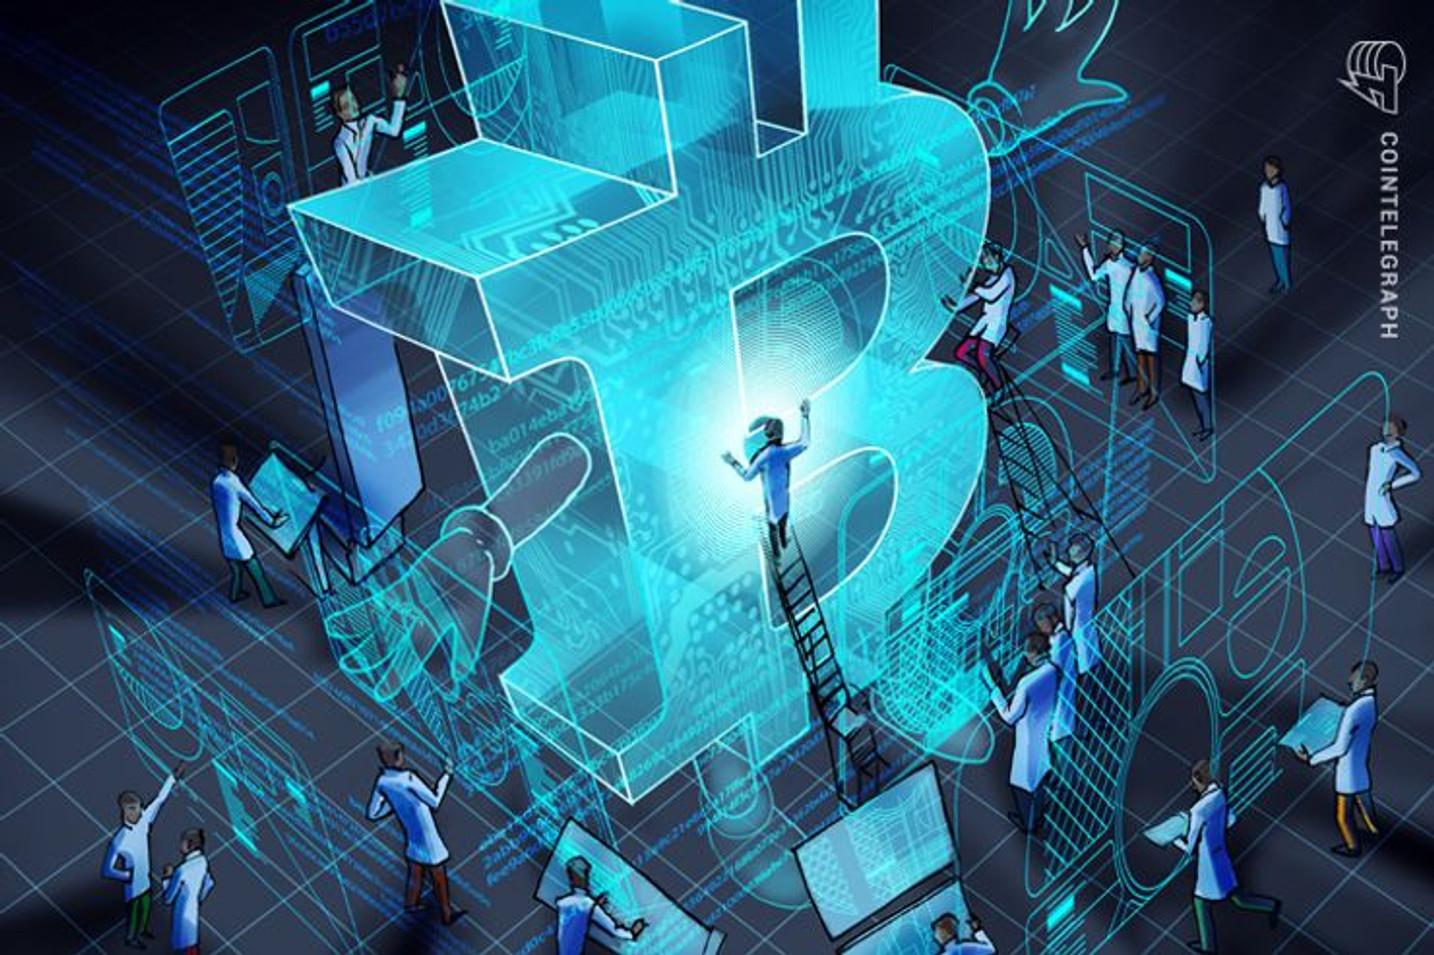 Polymath anuncia parceria com co-fundador do Ethereum Charles Hoskinson para criar plataforma de lançamento de security tokens